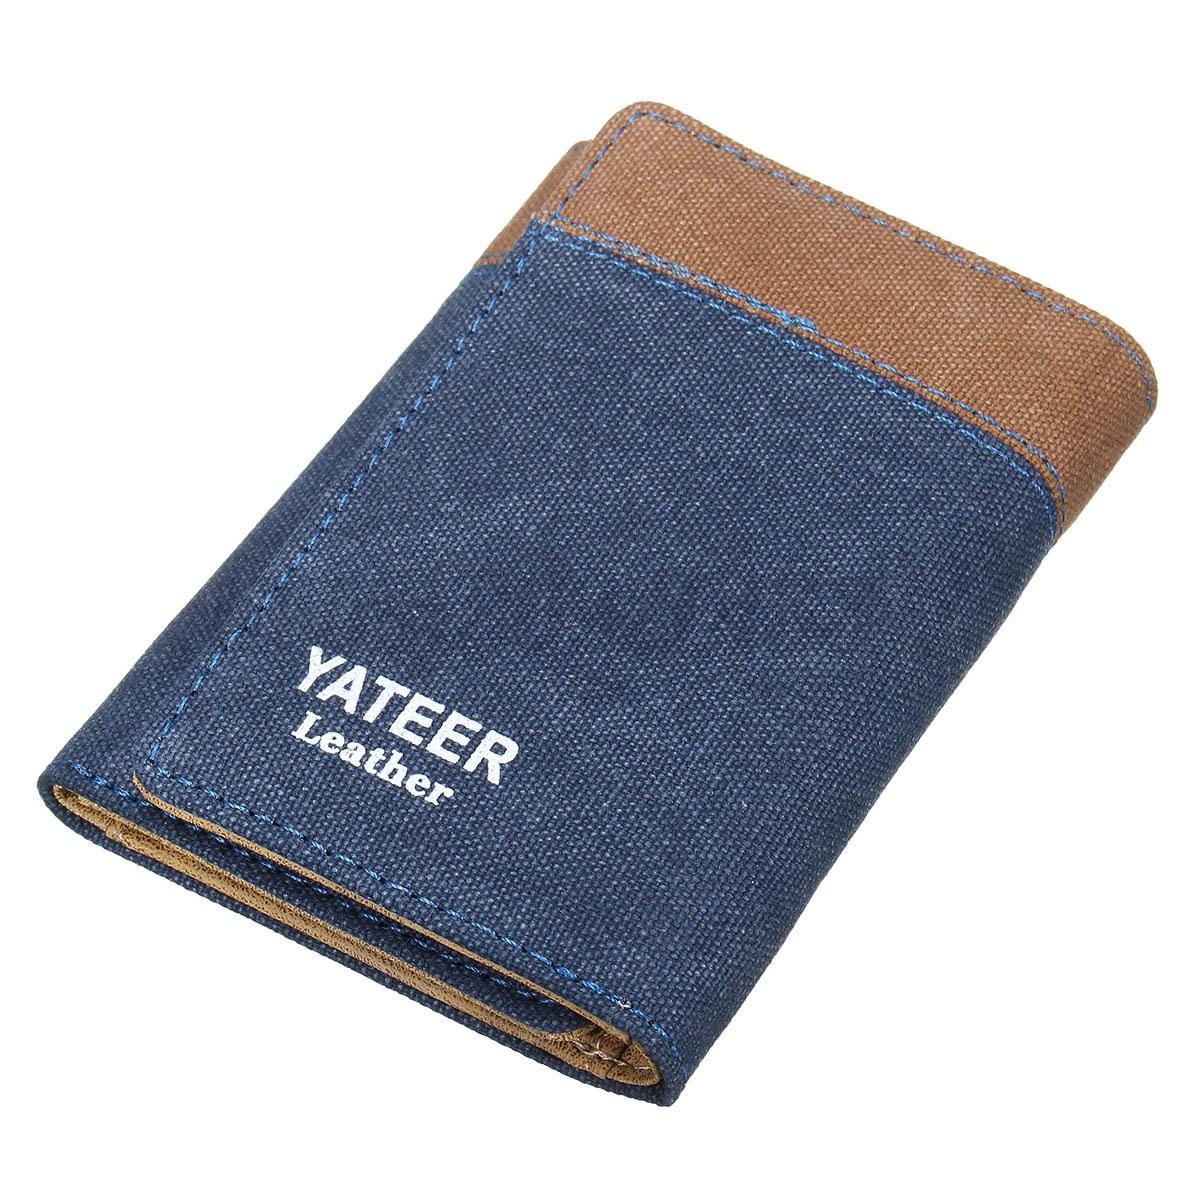 Portefeuille porte monnaie homme pliable toile pu cuir bourse id carte de cr dit ebay - Porte carte de credit homme ...